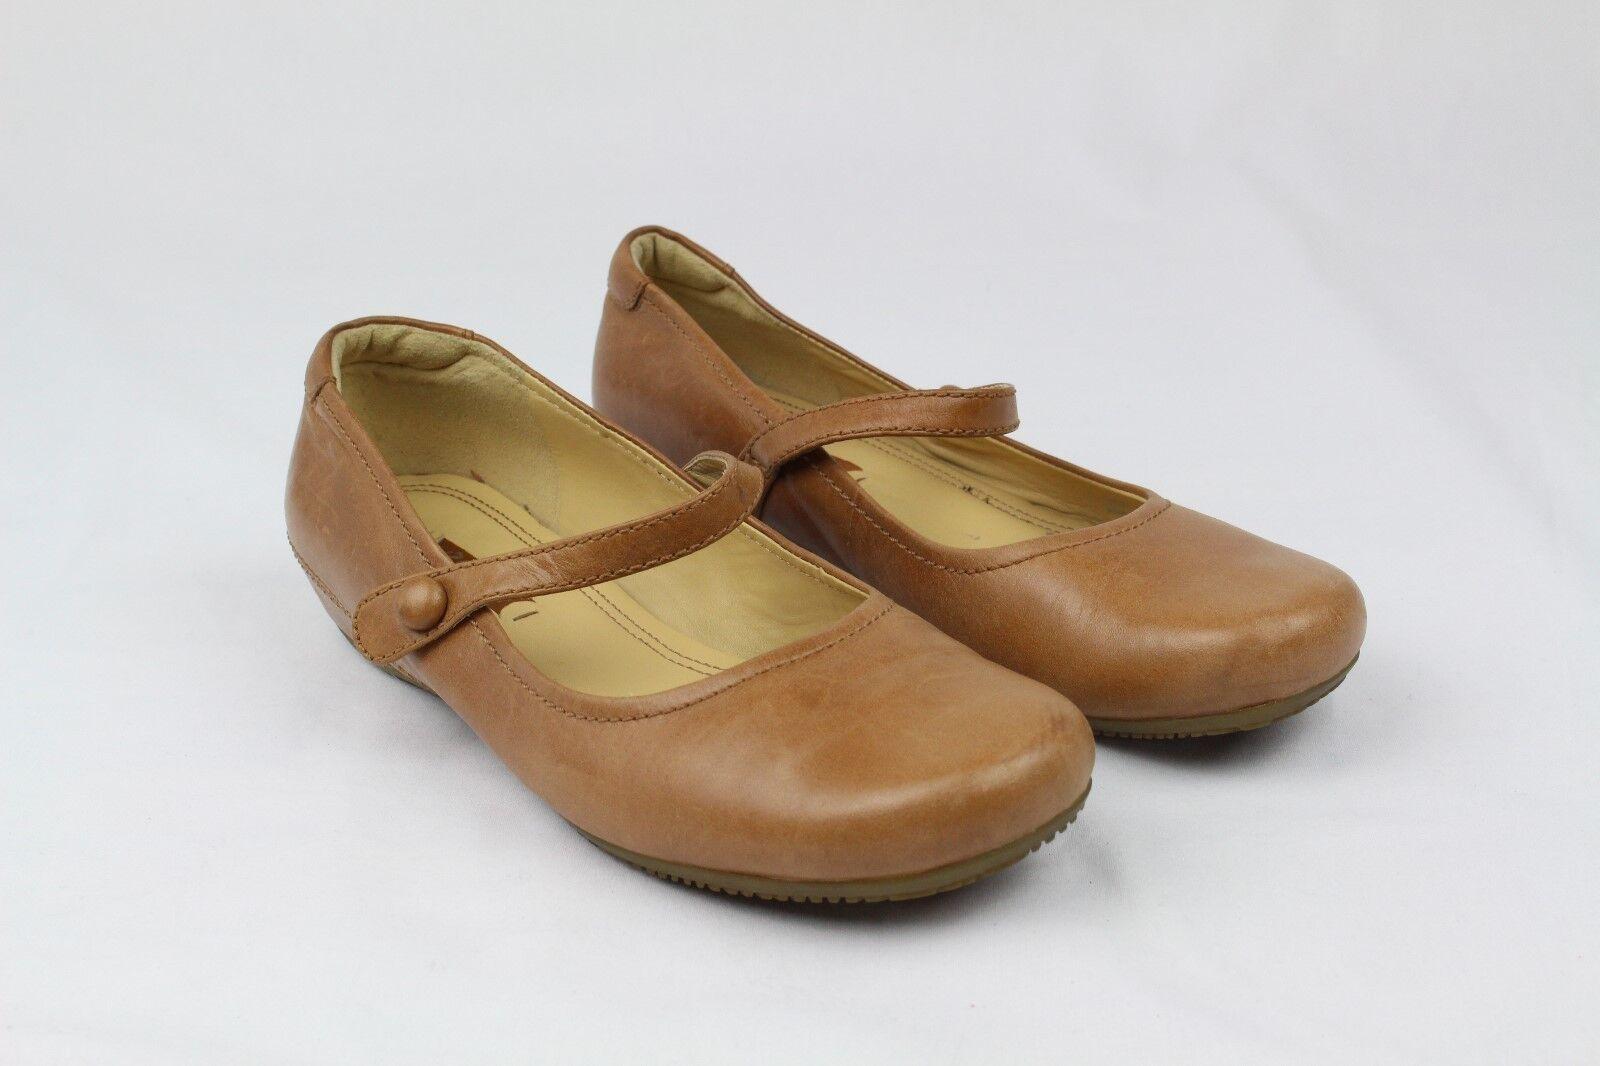 Ecco Para Mujer Mujer Mujer Zapatos sin Taco Mary Jane Marrón Cuero Tamaño 37EUR 6-6.5 US (OBO)  perfecto